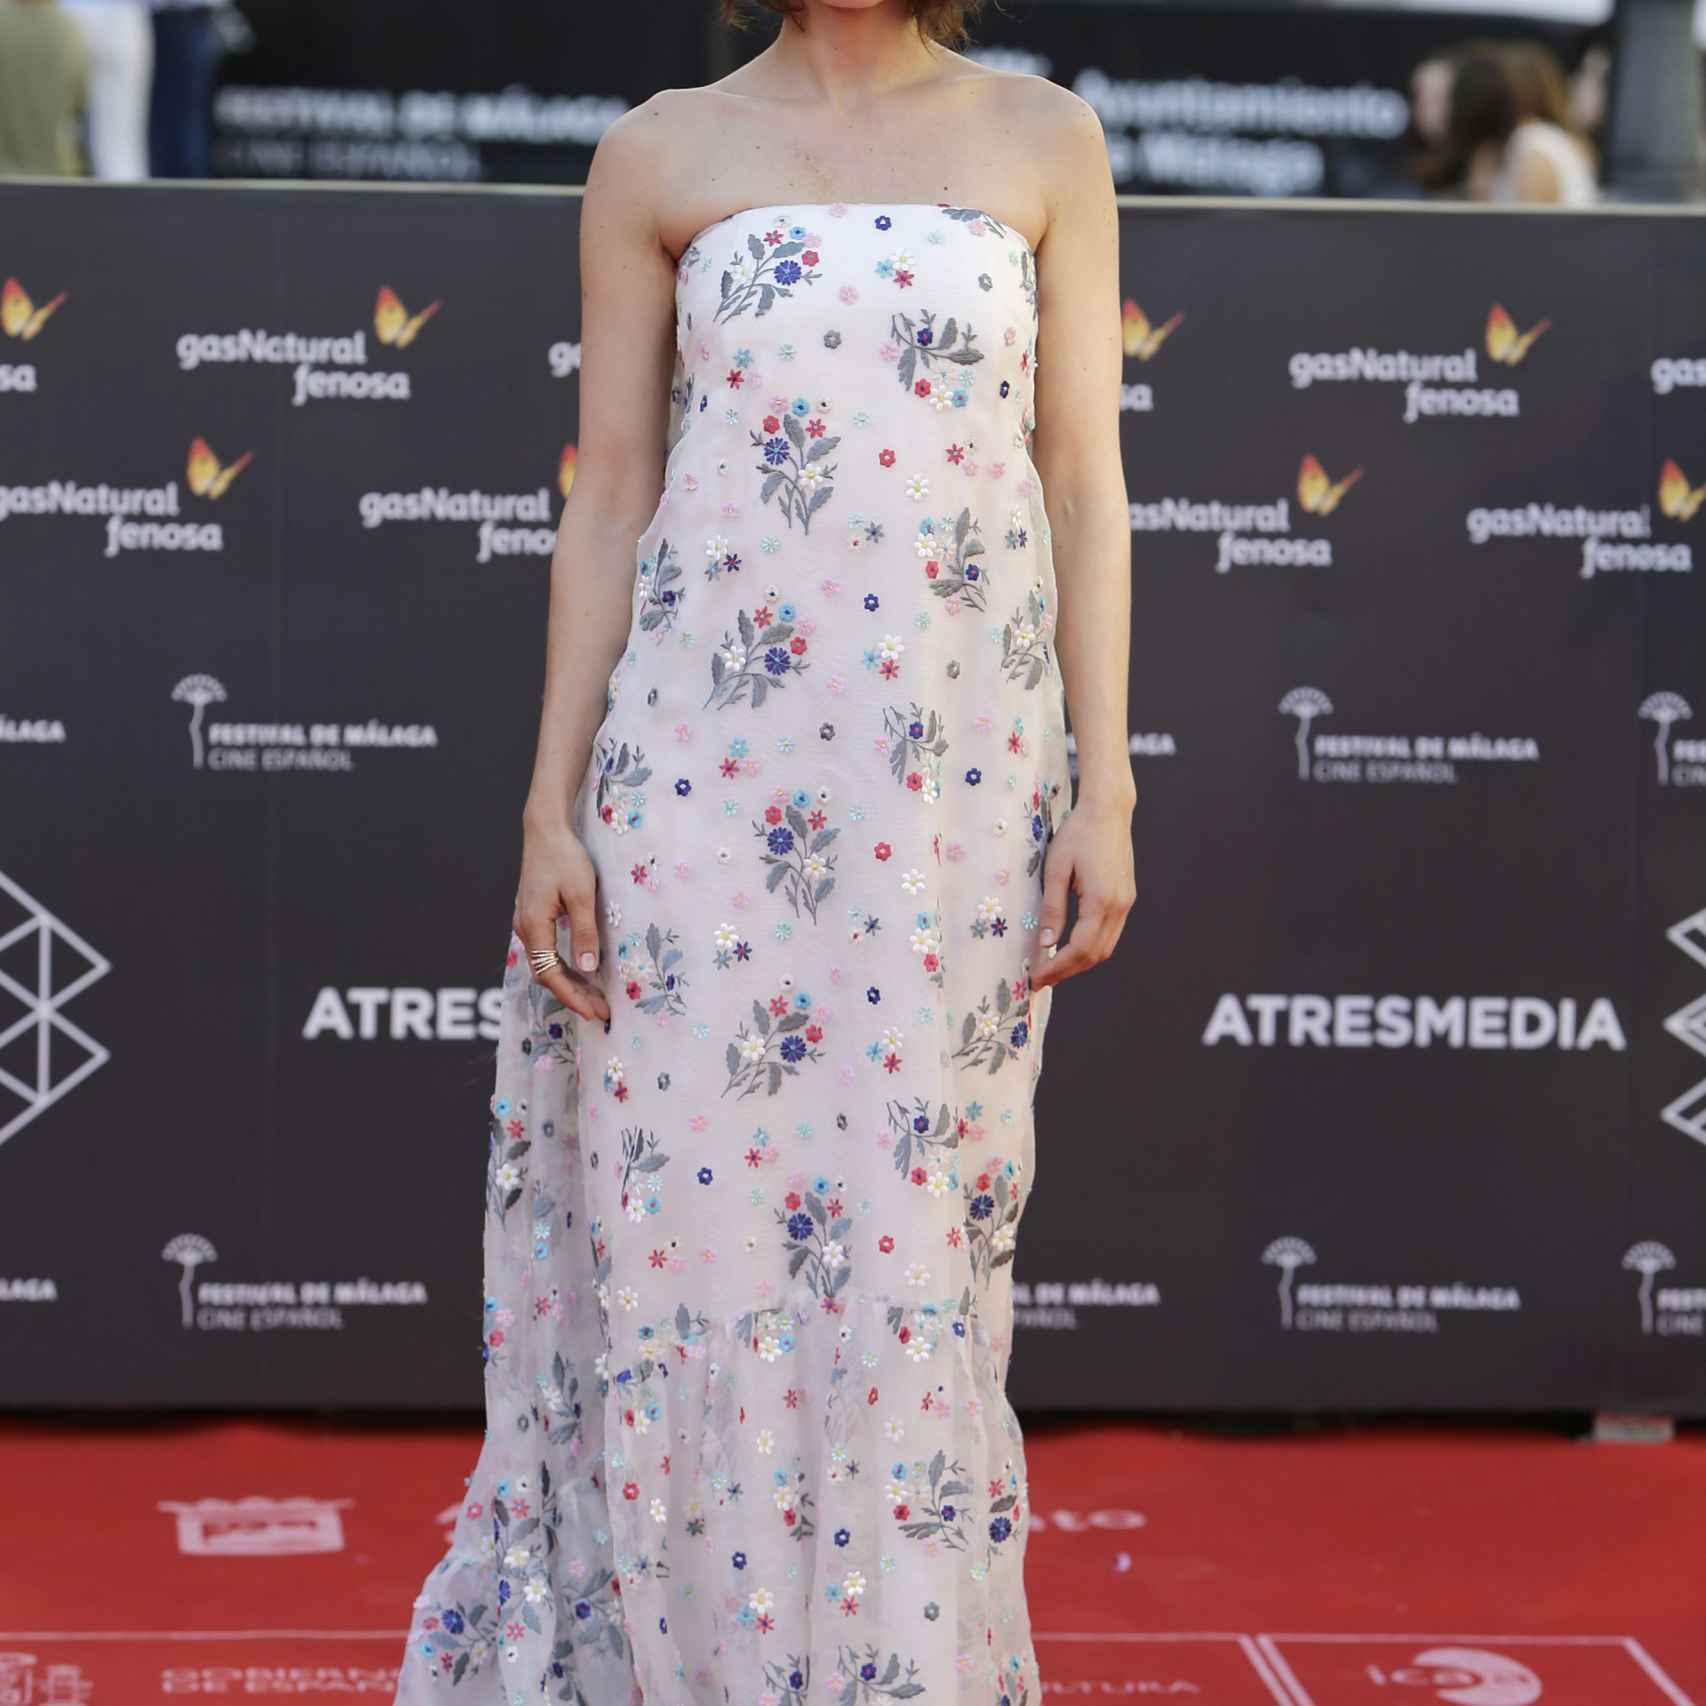 Nerea Barros con uno de los diseños floreados más bonitos de la alfombra